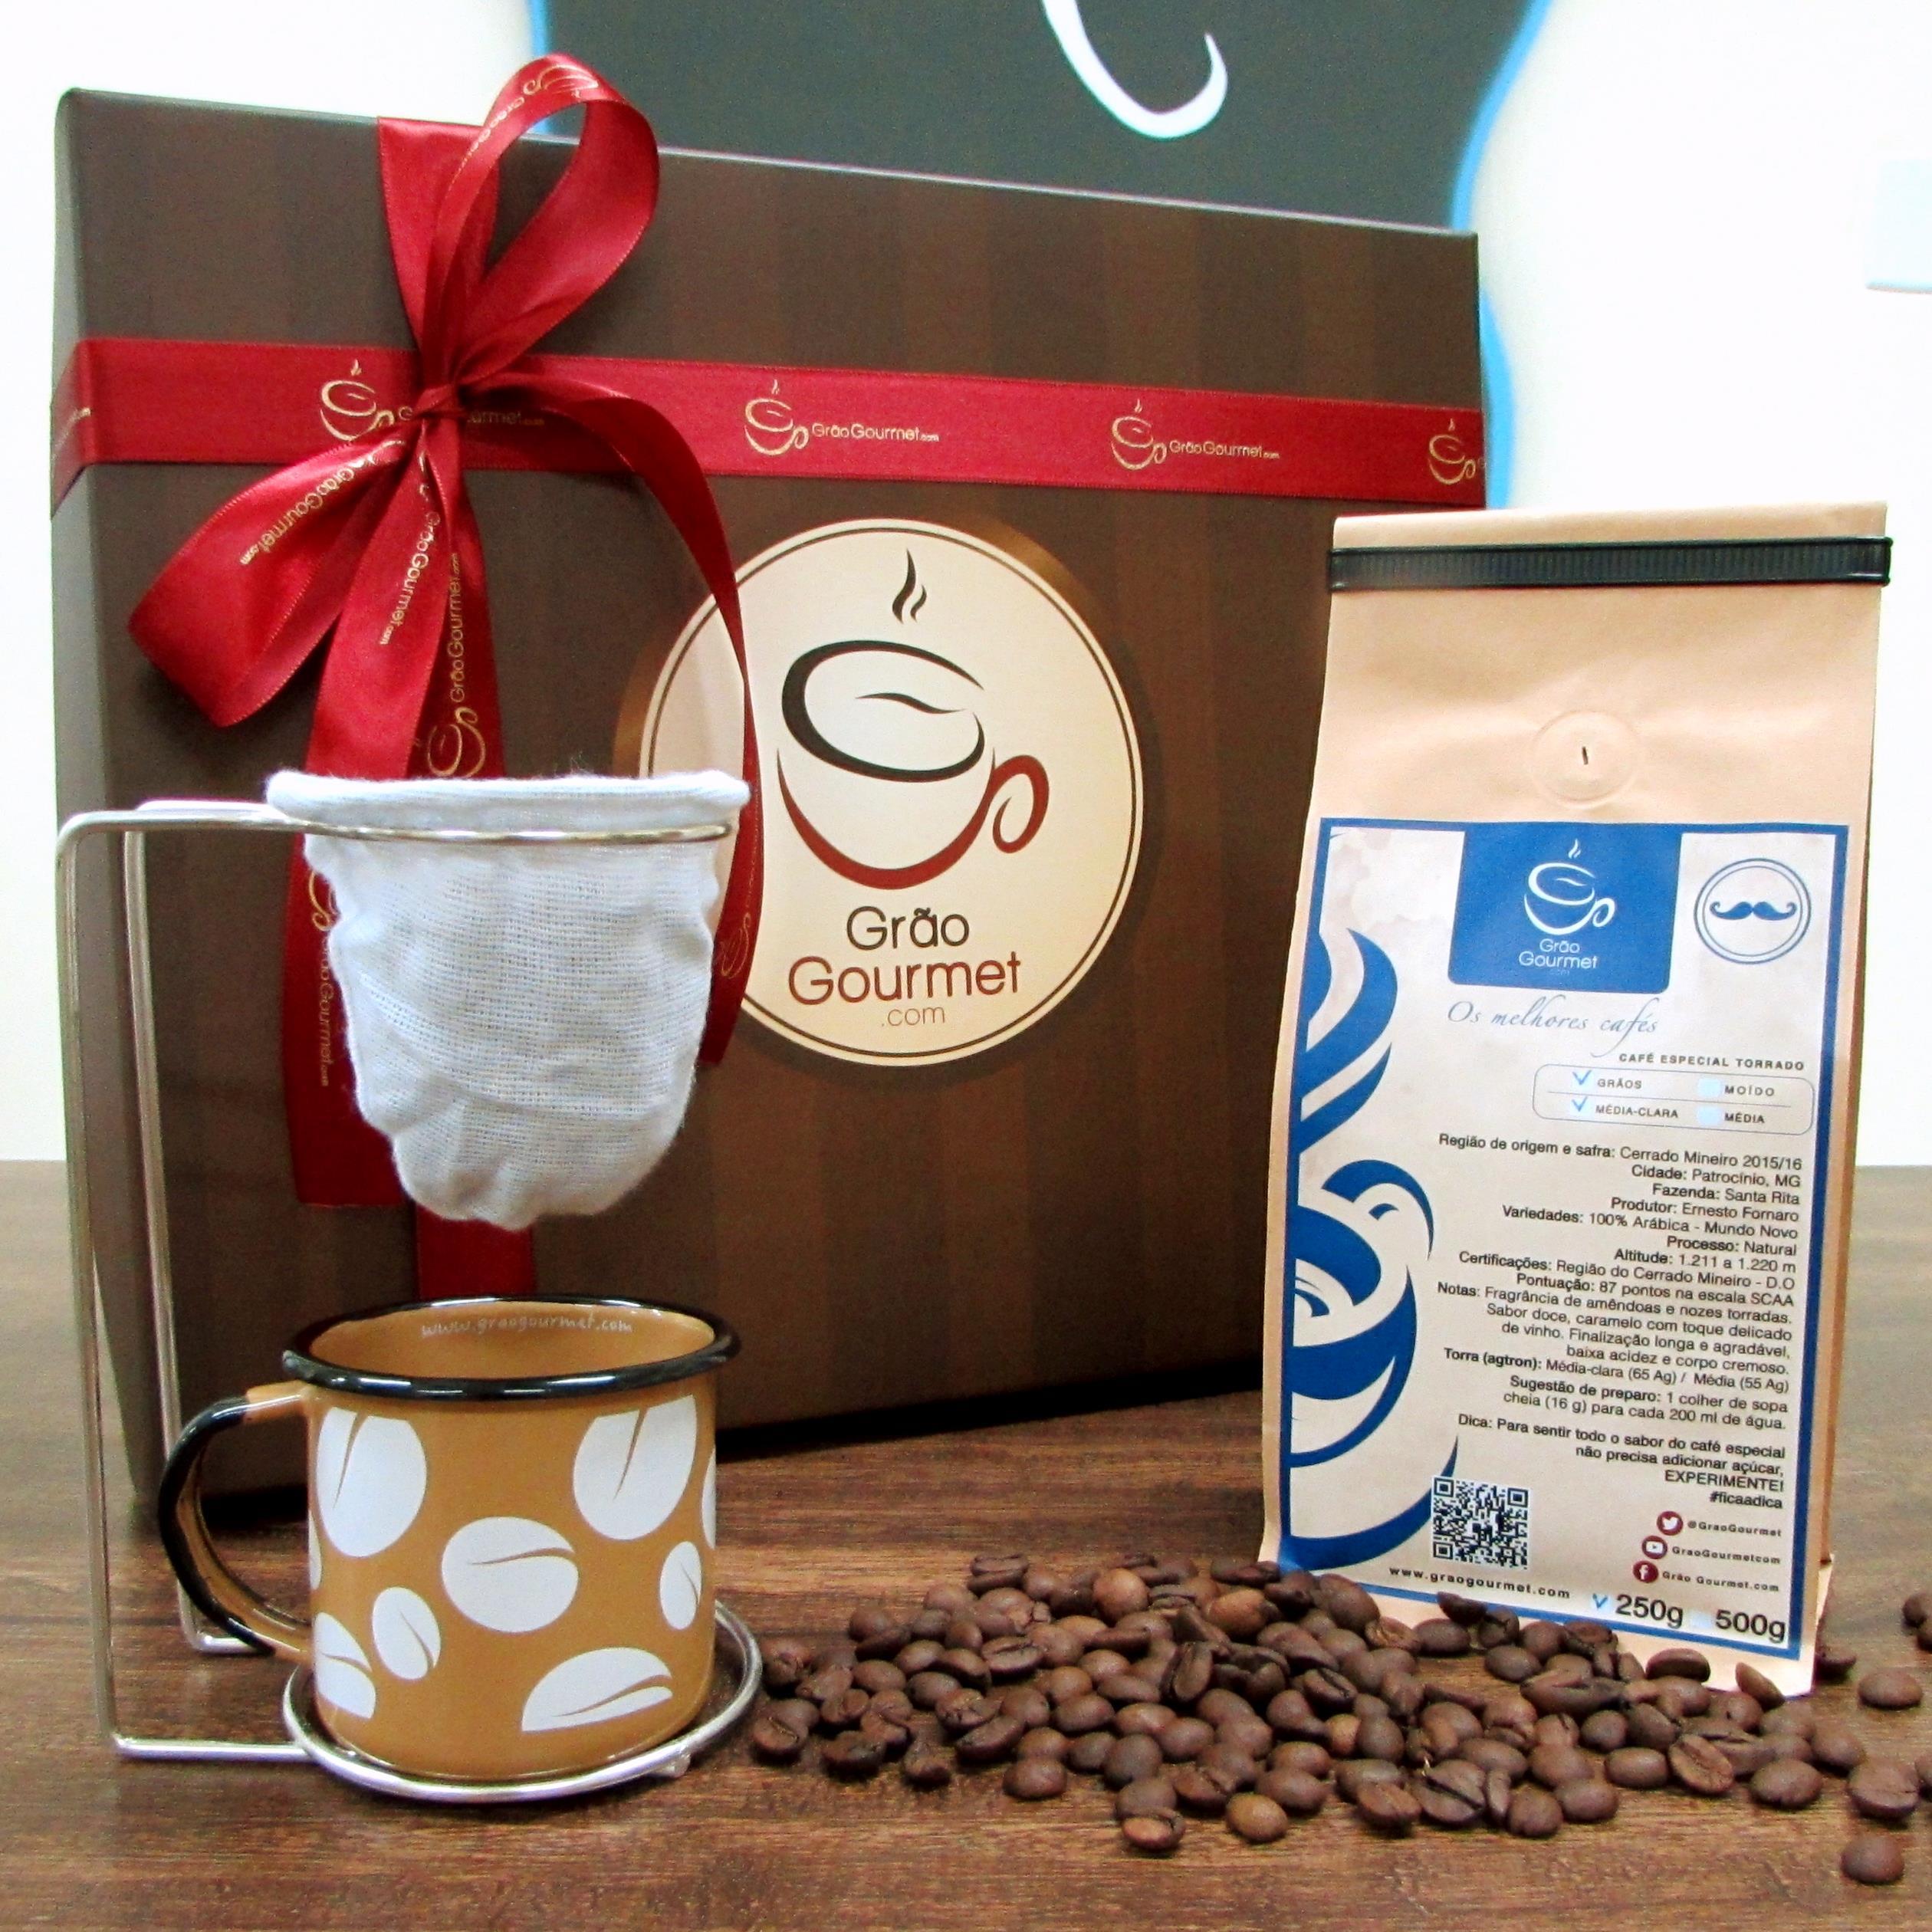 Café_Caneca graos marrom_co